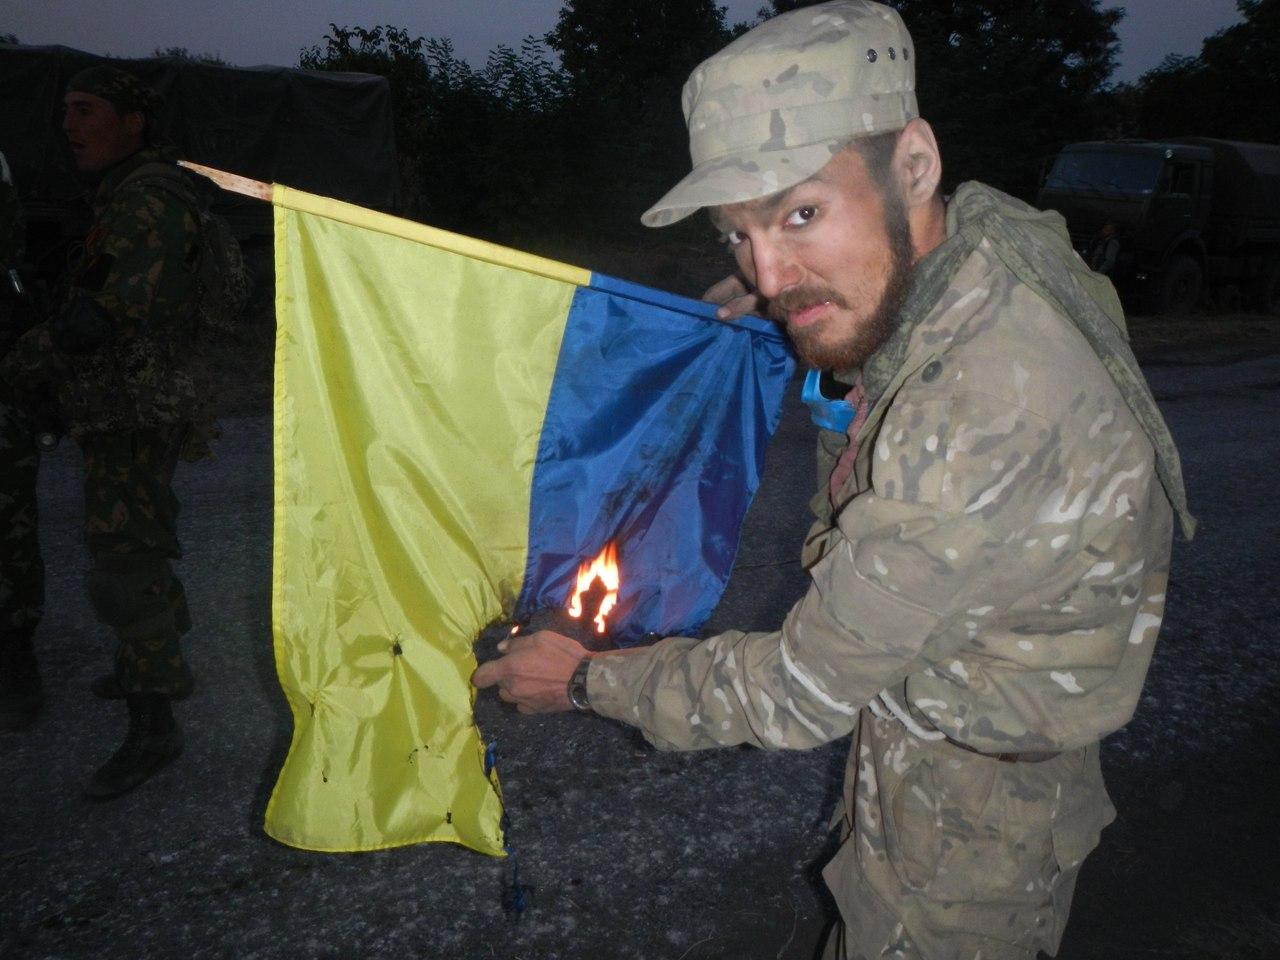 Ополченец-доброволец из Челябинска, командир огневого взвода Дикой Дивизии «Октава», которая вход